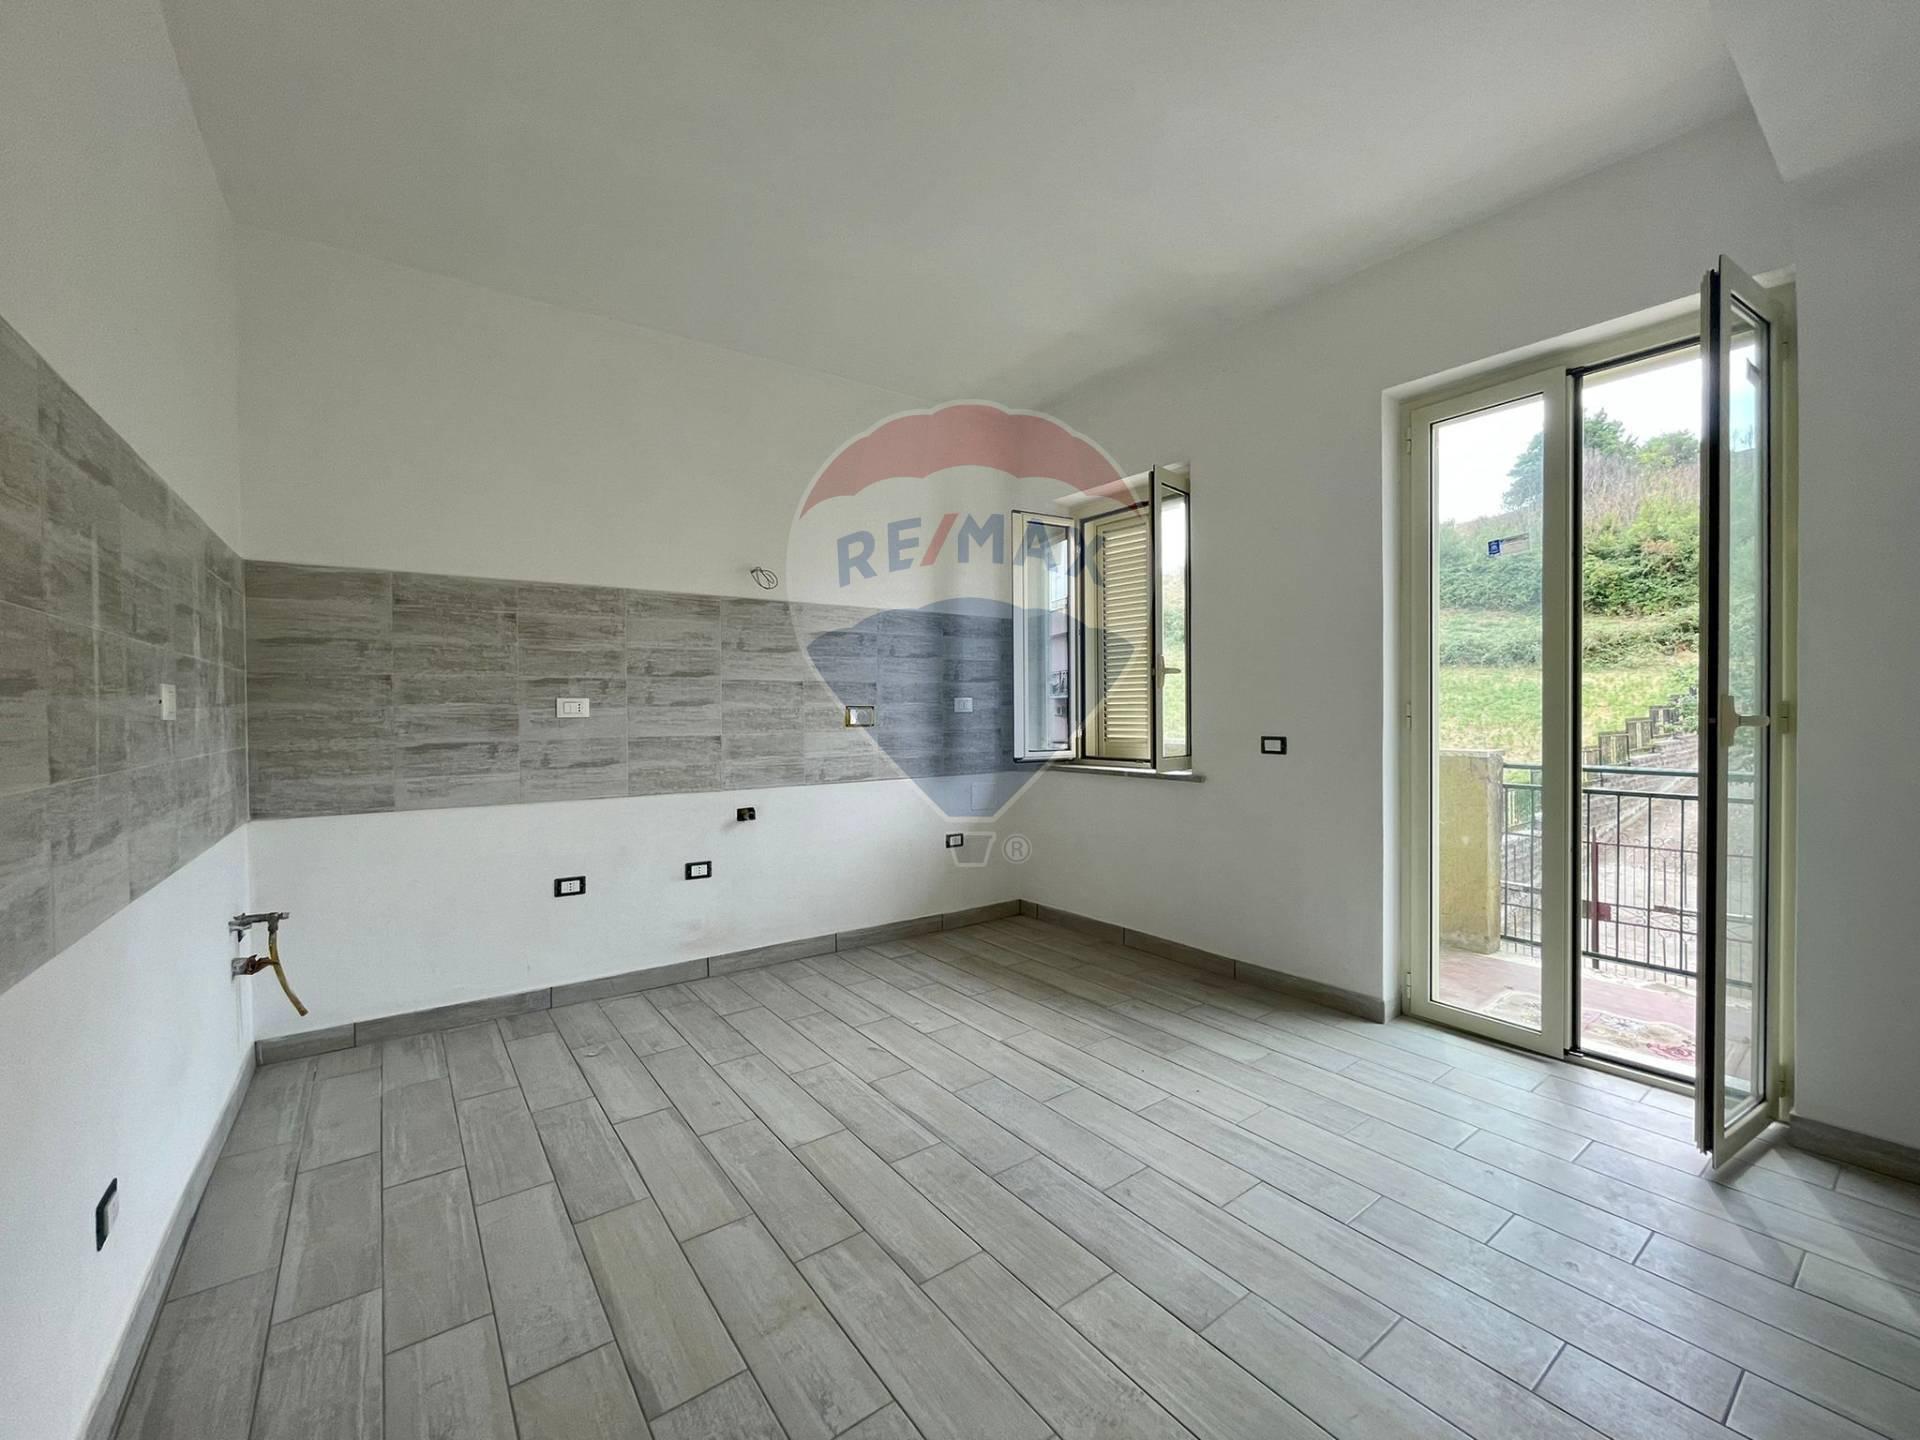 Appartamento in vendita a Rignano Flaminio, 3 locali, prezzo € 80.000 | CambioCasa.it